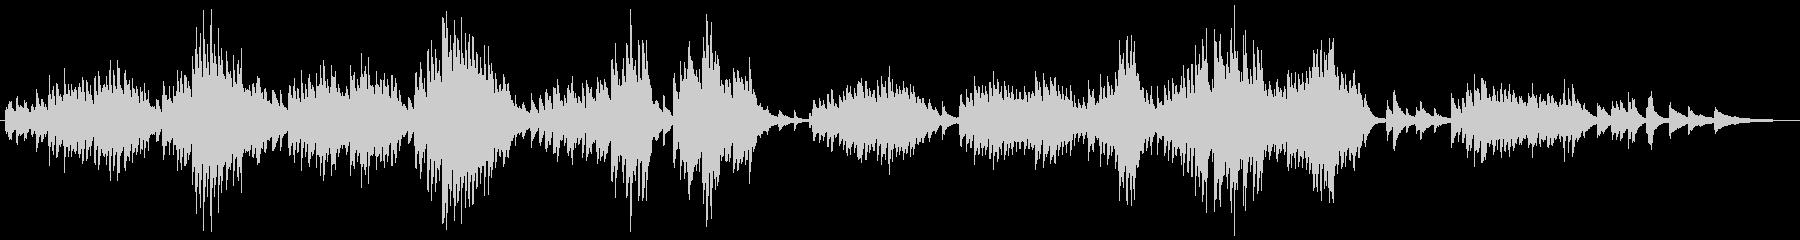 エルガー 愛の挨拶 ピアノの未再生の波形